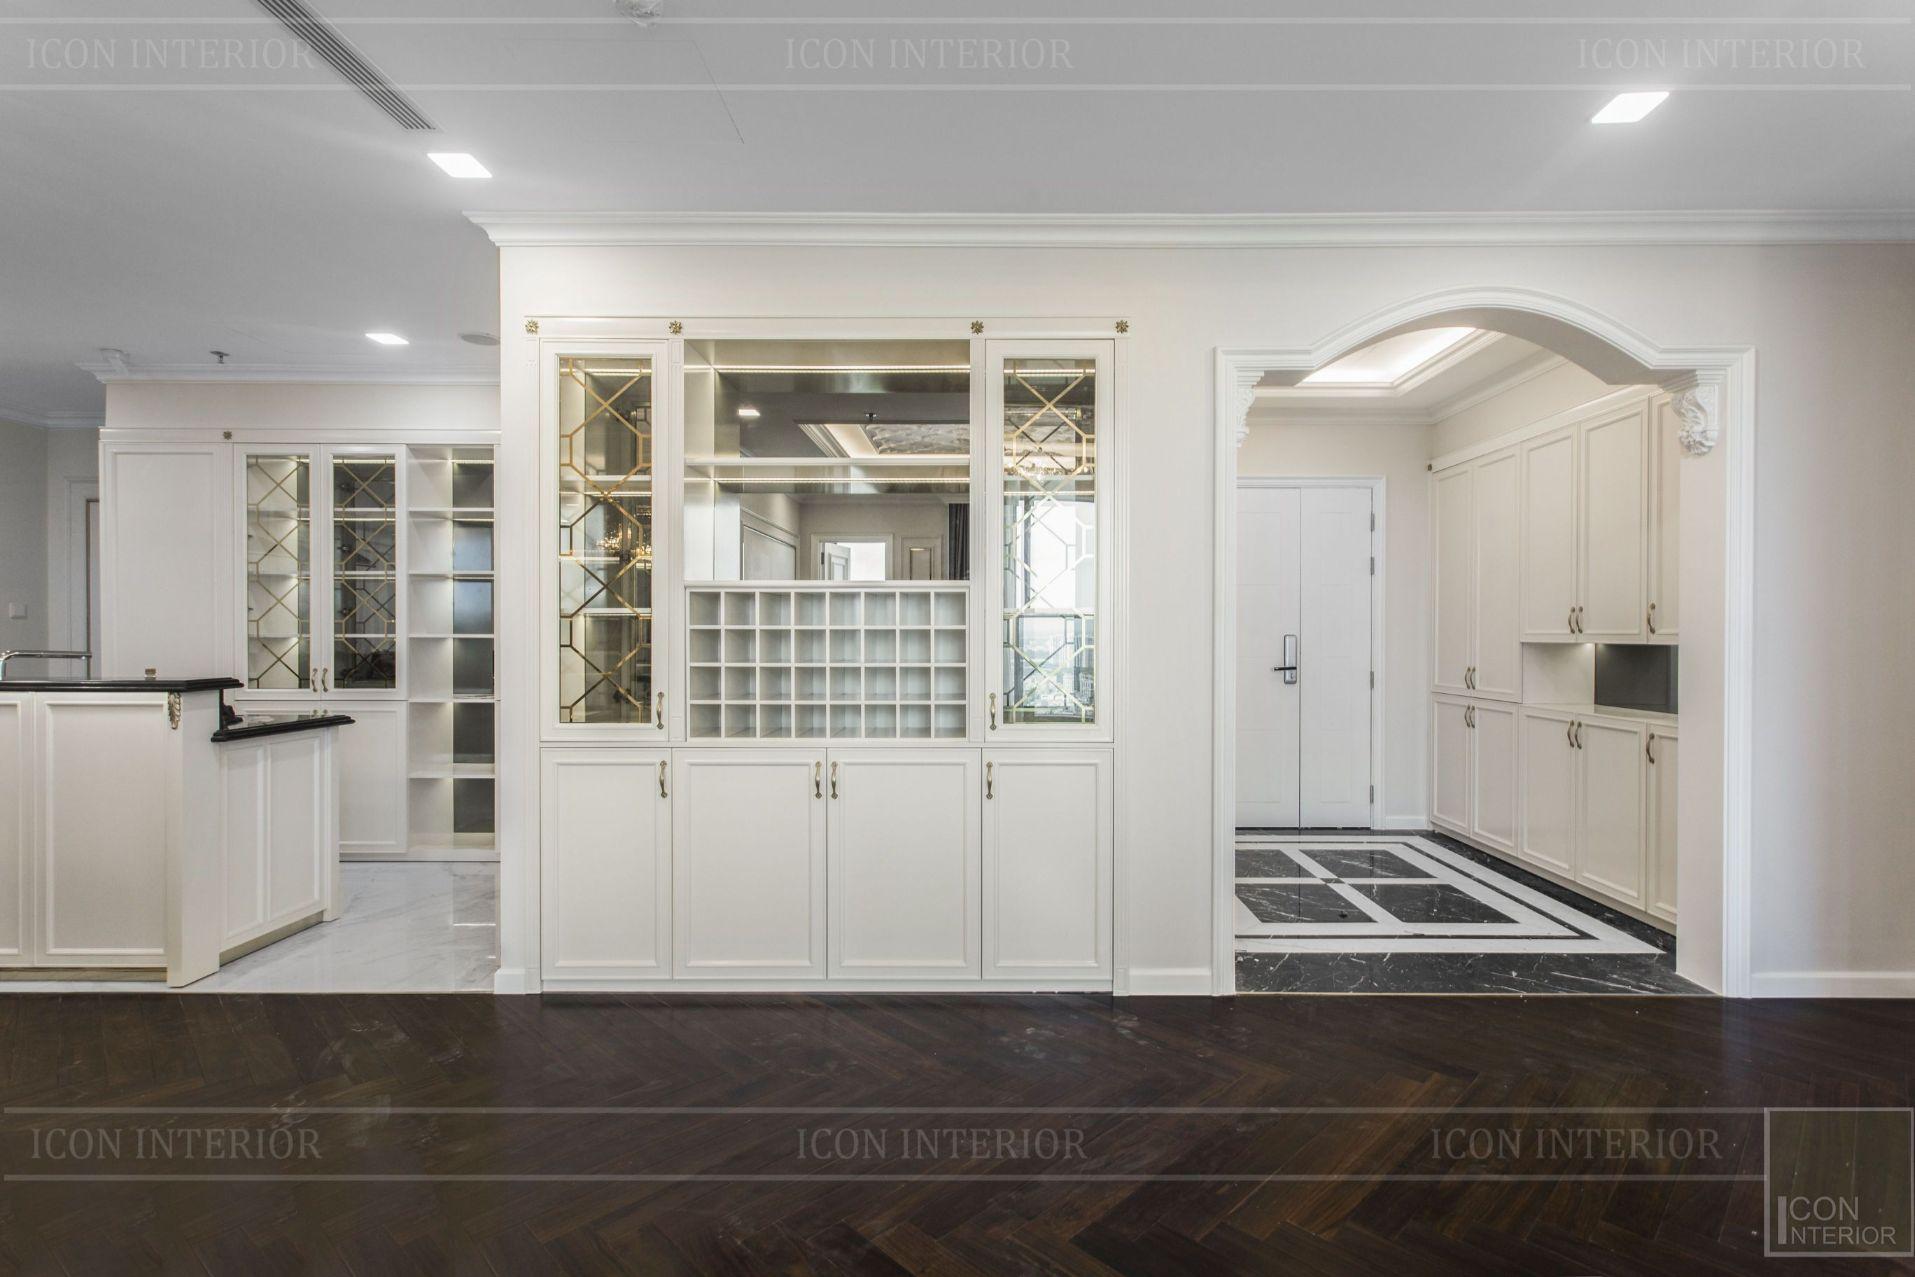 thiết kế thi công nội thất đẹp - tủ rượu